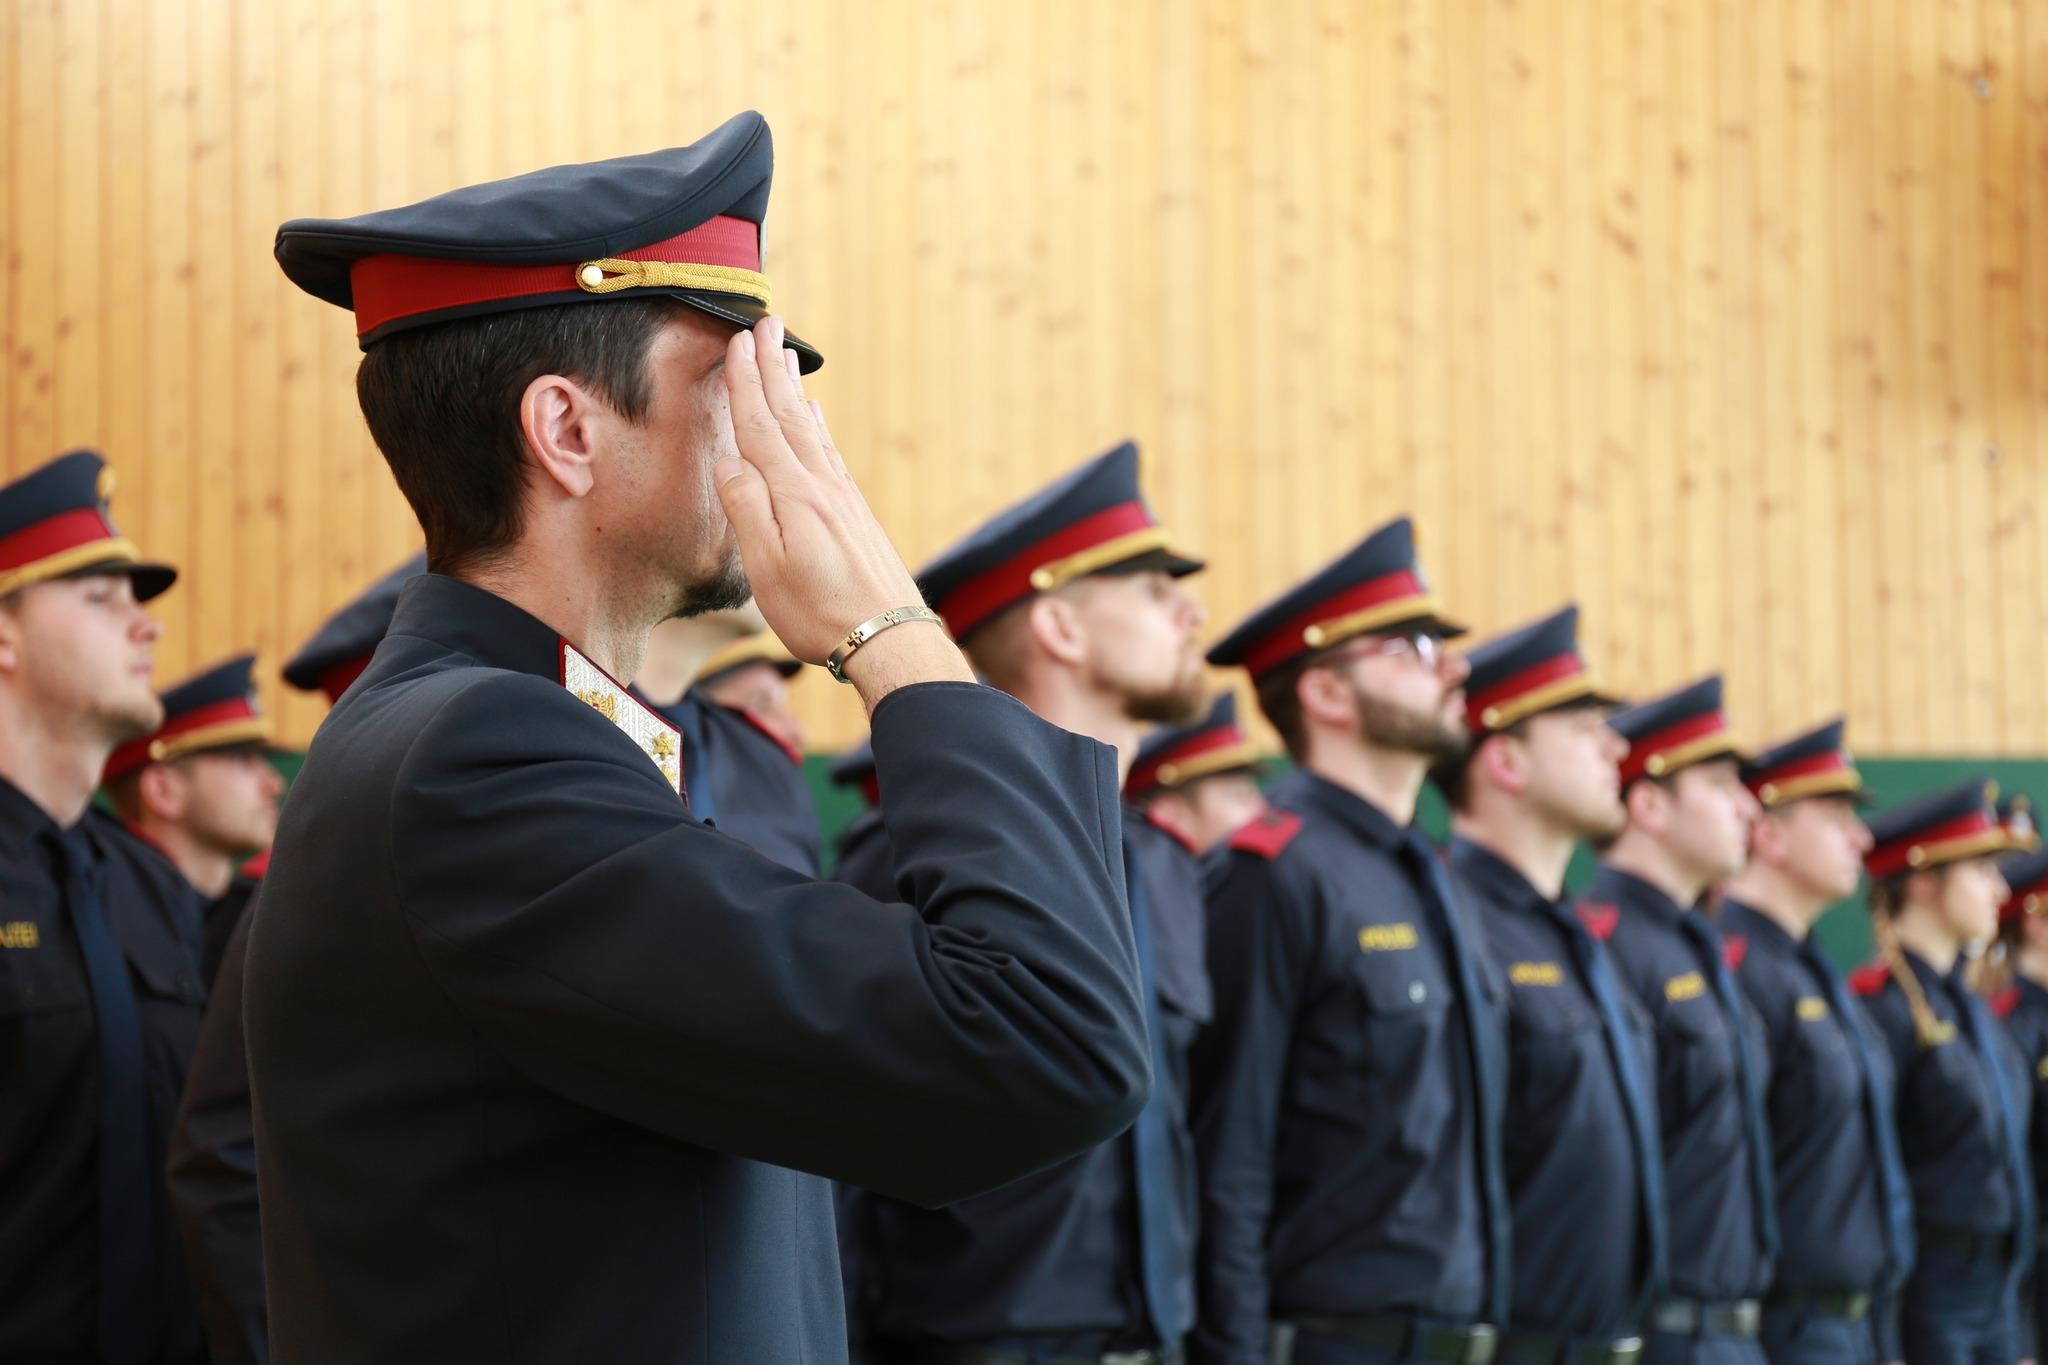 25 neue Polizisten fr die Steiermark Der Grazer